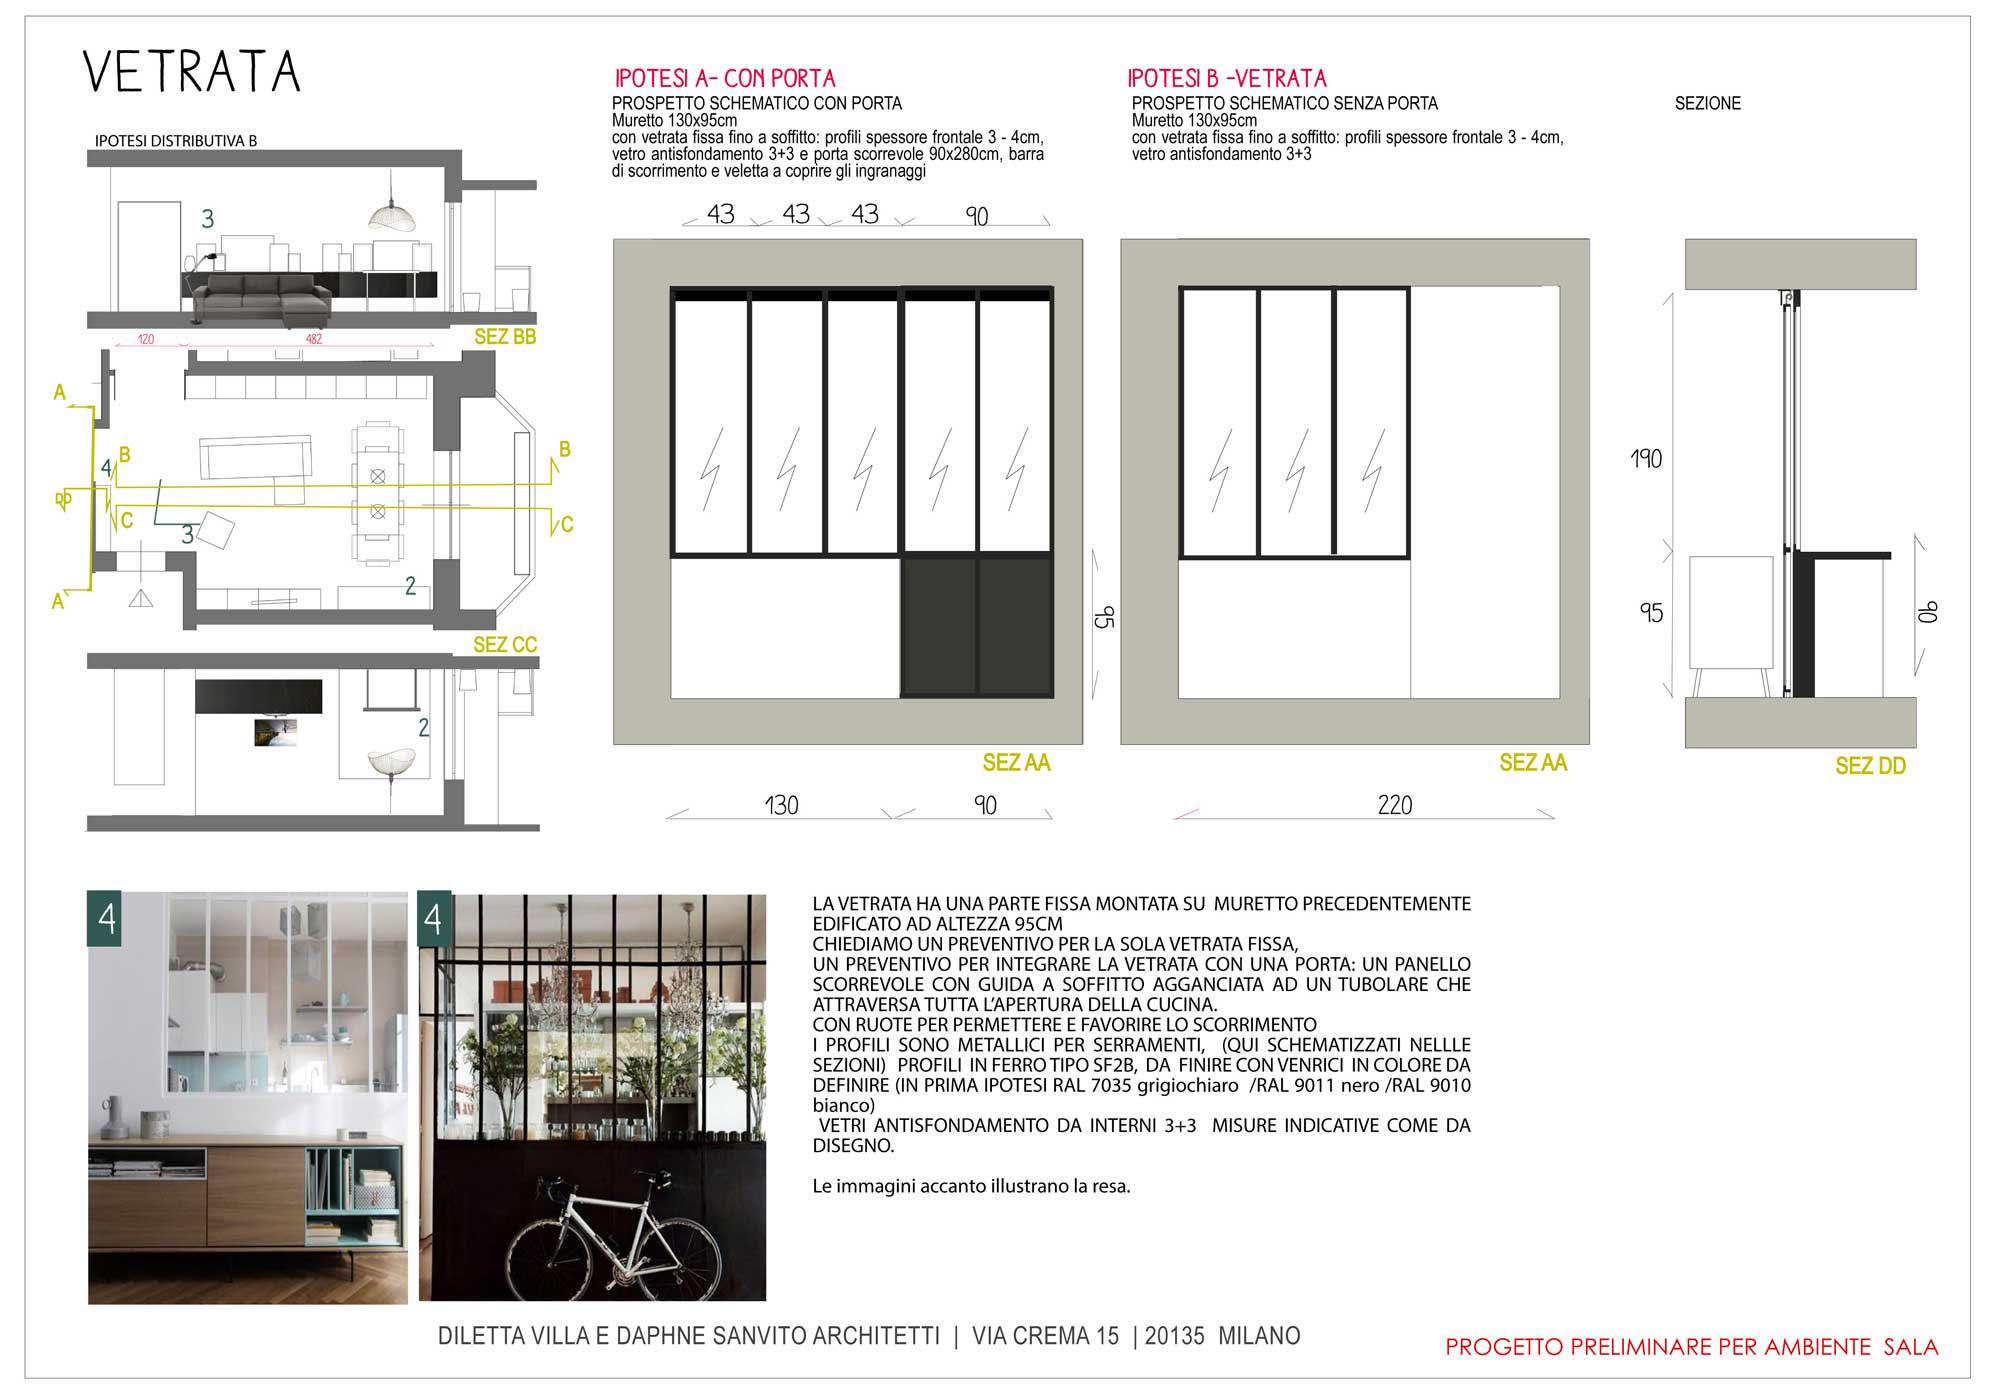 Parete Ferro E Vetro parete divisoria in ferro e vetro – diletta villa, architetto